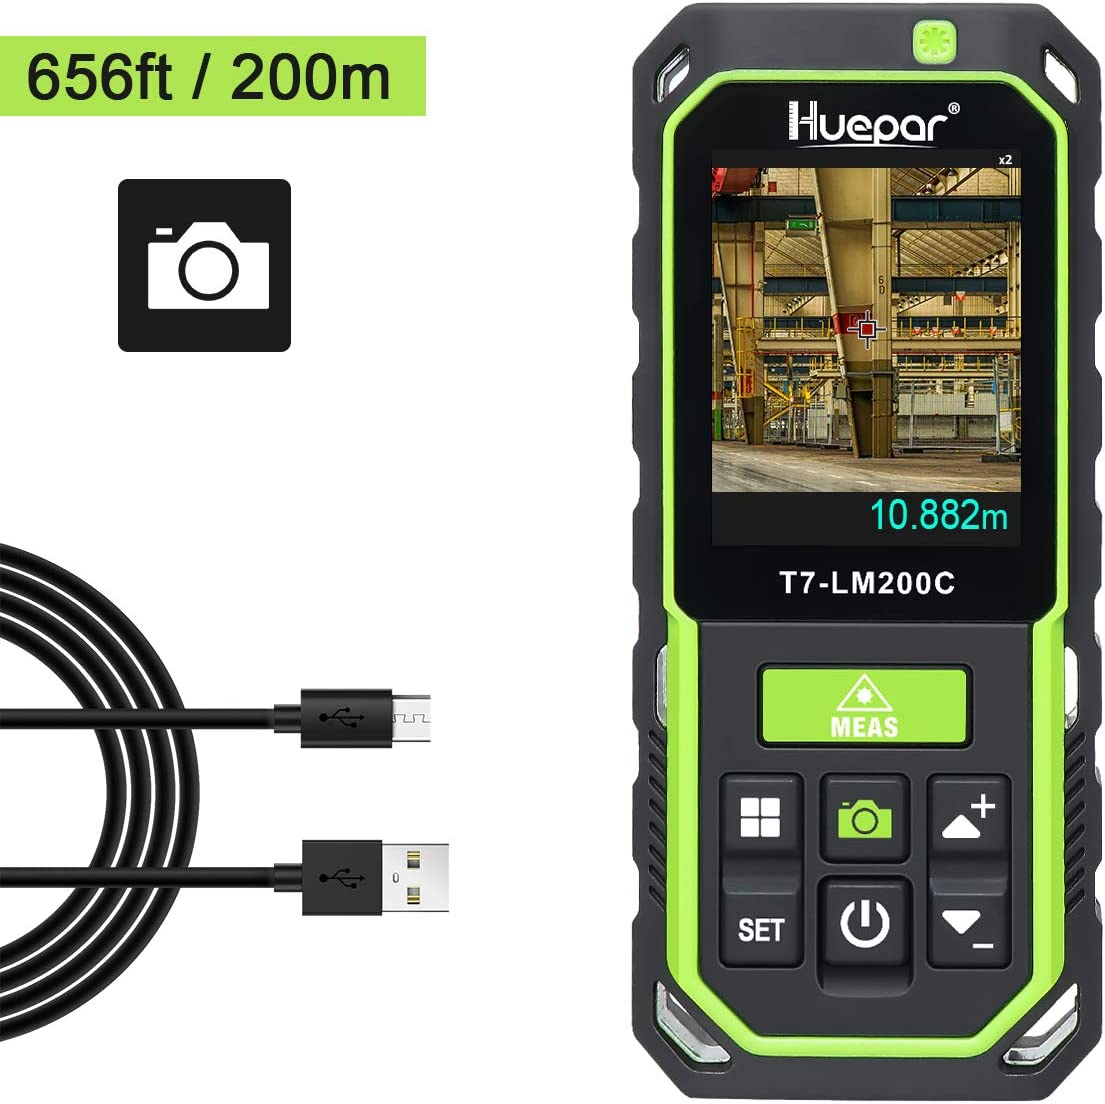 Huepar Medidor Laser con Cámara 2X/4X Zoom, Telémetro Láser 200M Recargable Alta Precisión M/In/Ft 17 Modos-Pitágoras, Estaquillado, Sensor de Inclinación, Pantalla Retroiluminada en Color-LM200C